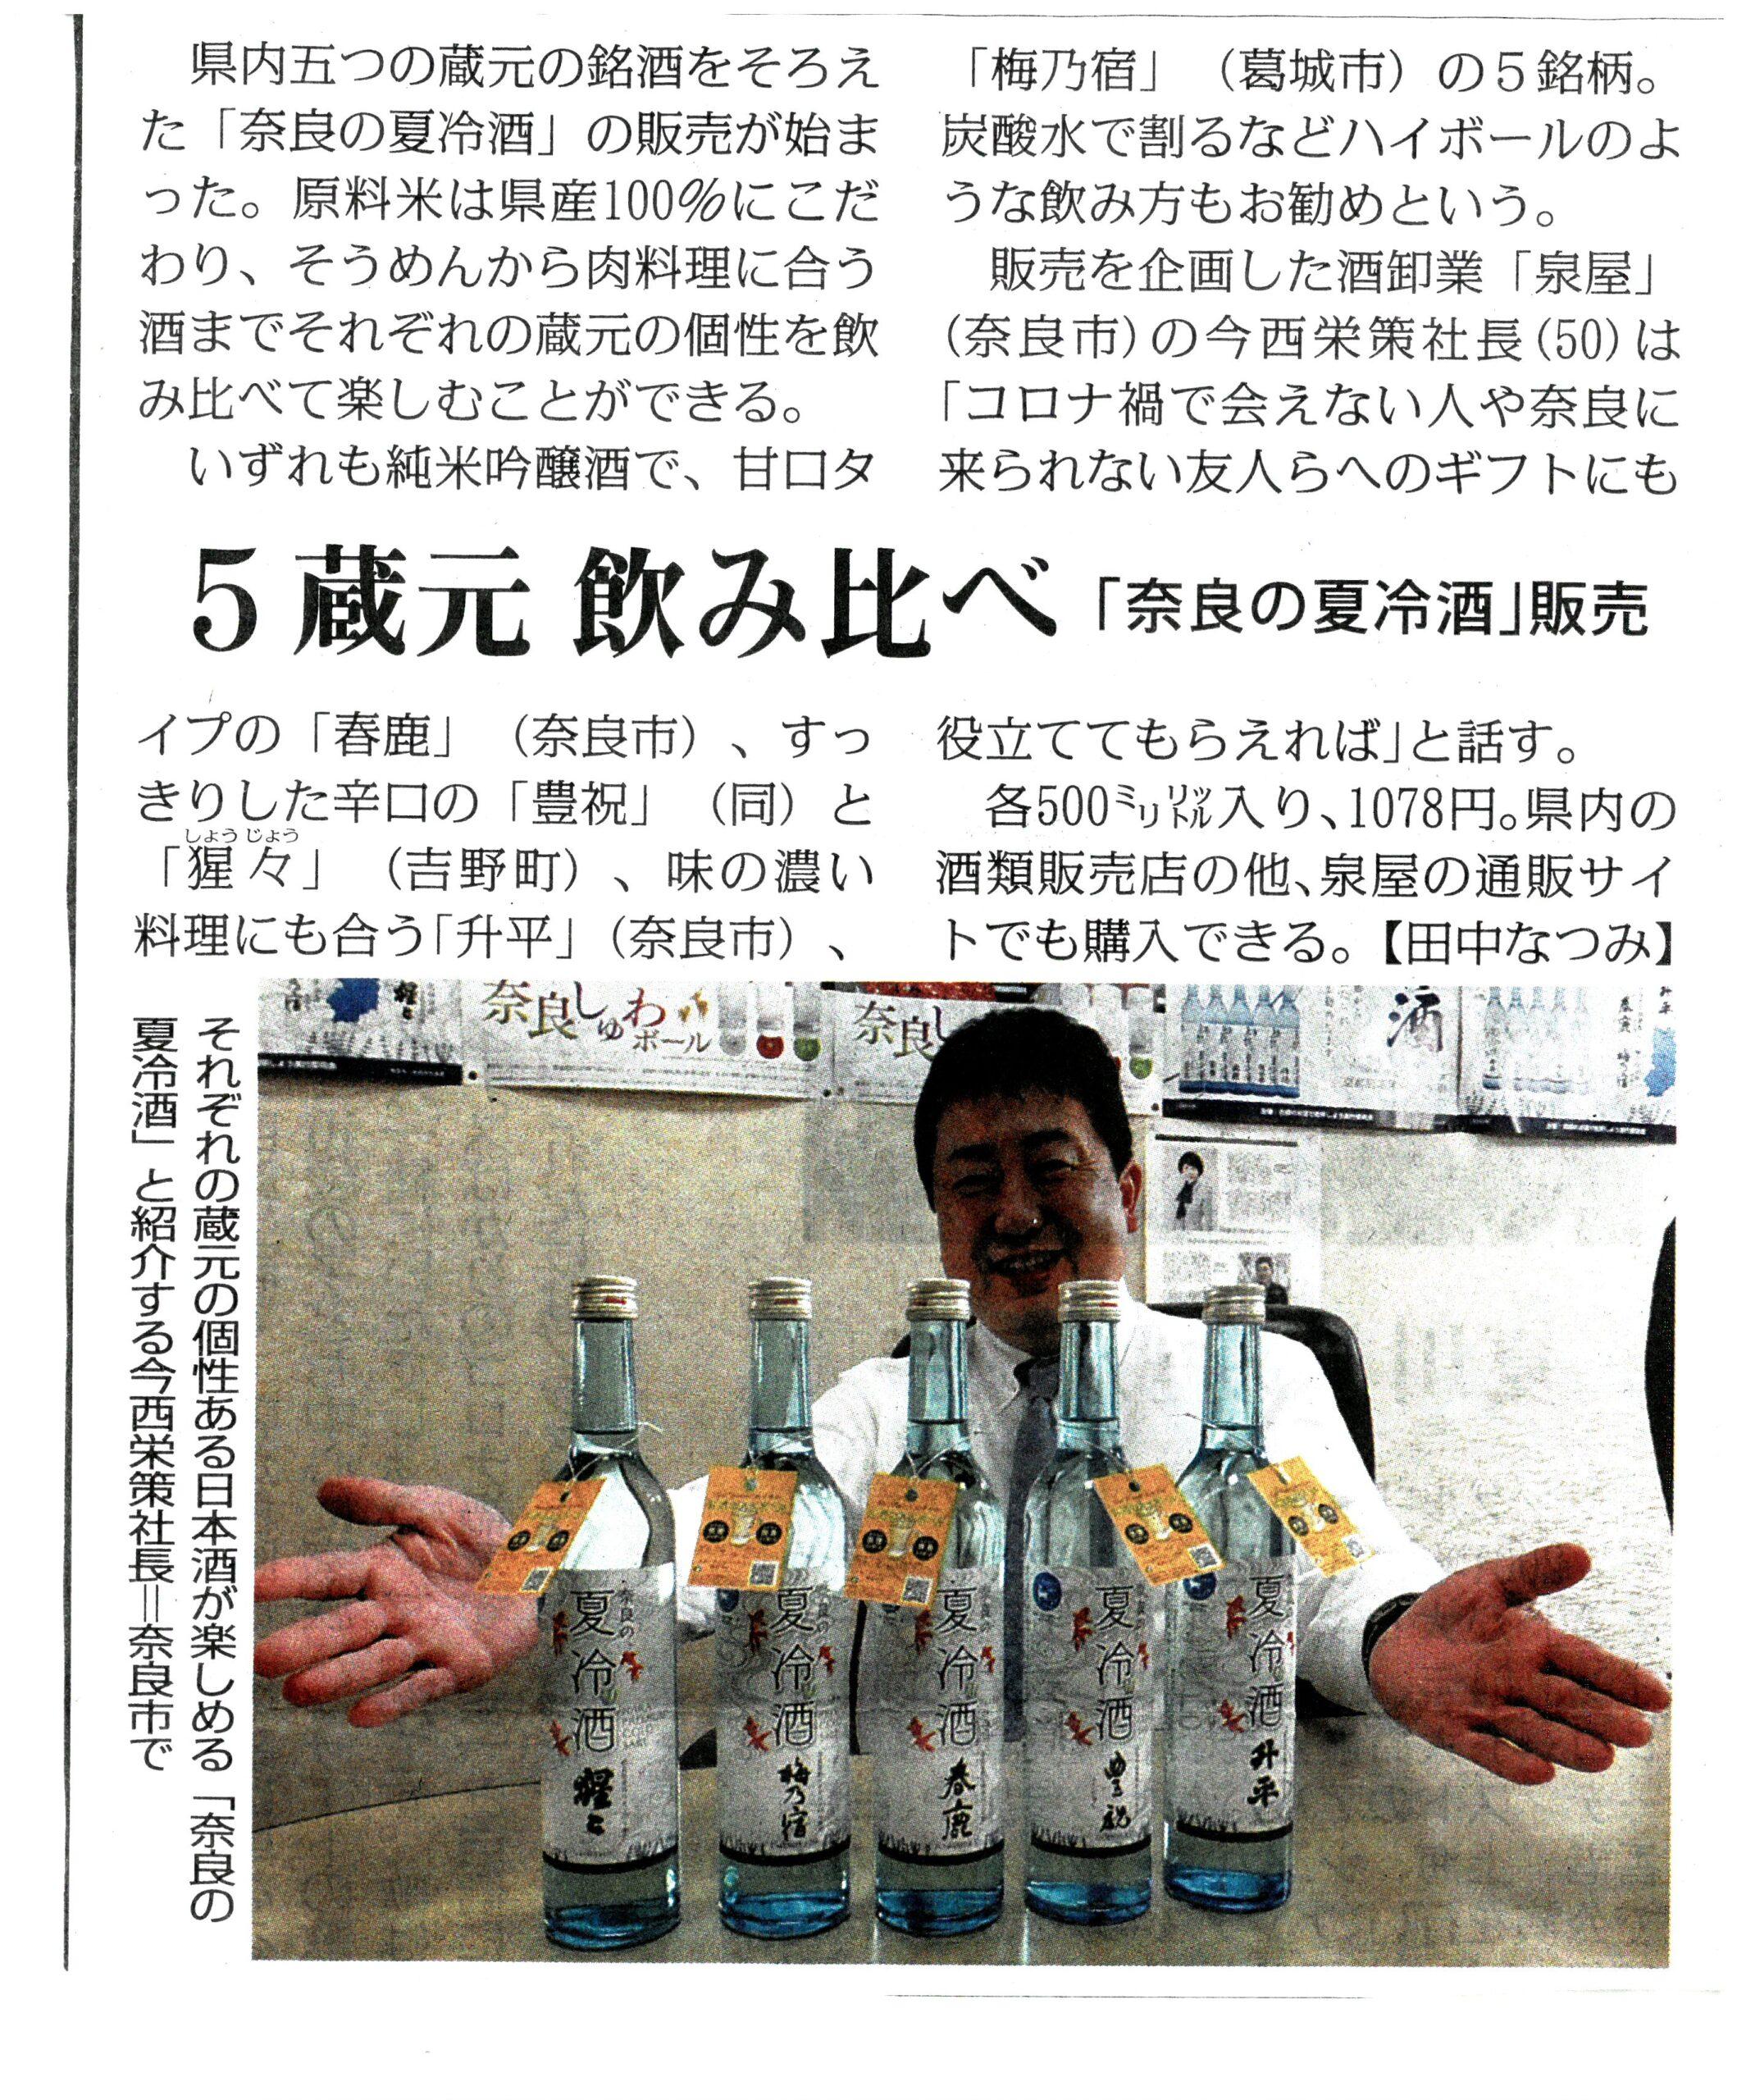 毎日新聞で『奈良の夏冷酒』が紹介されました!